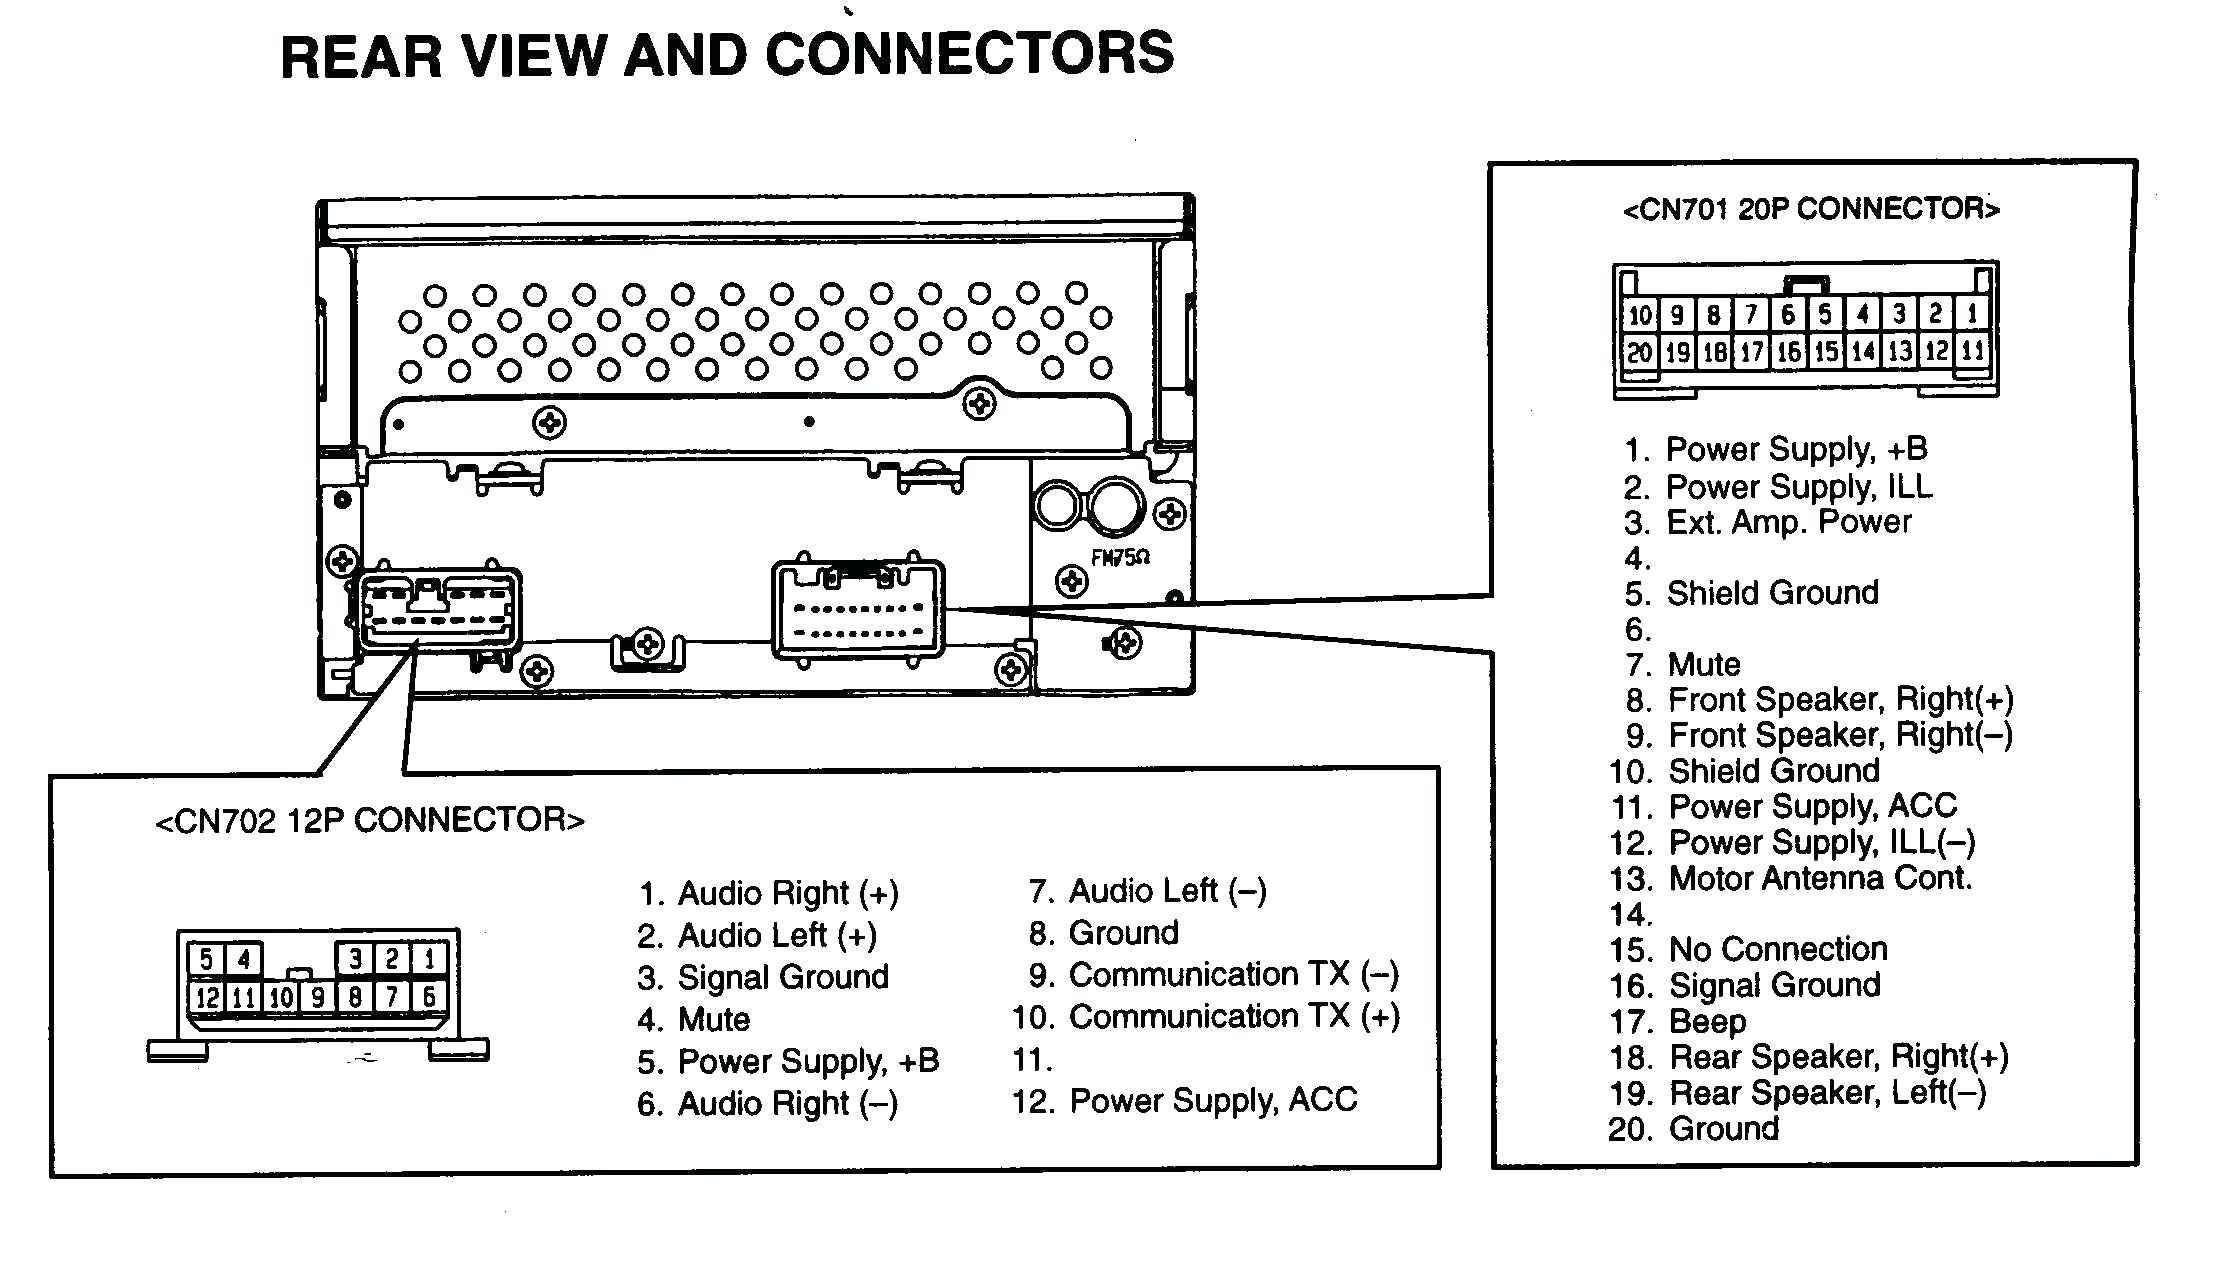 medium resolution of 7 2 amp motor wiring diagram wiring diagram pass 7 2 amp motor wiring diagram